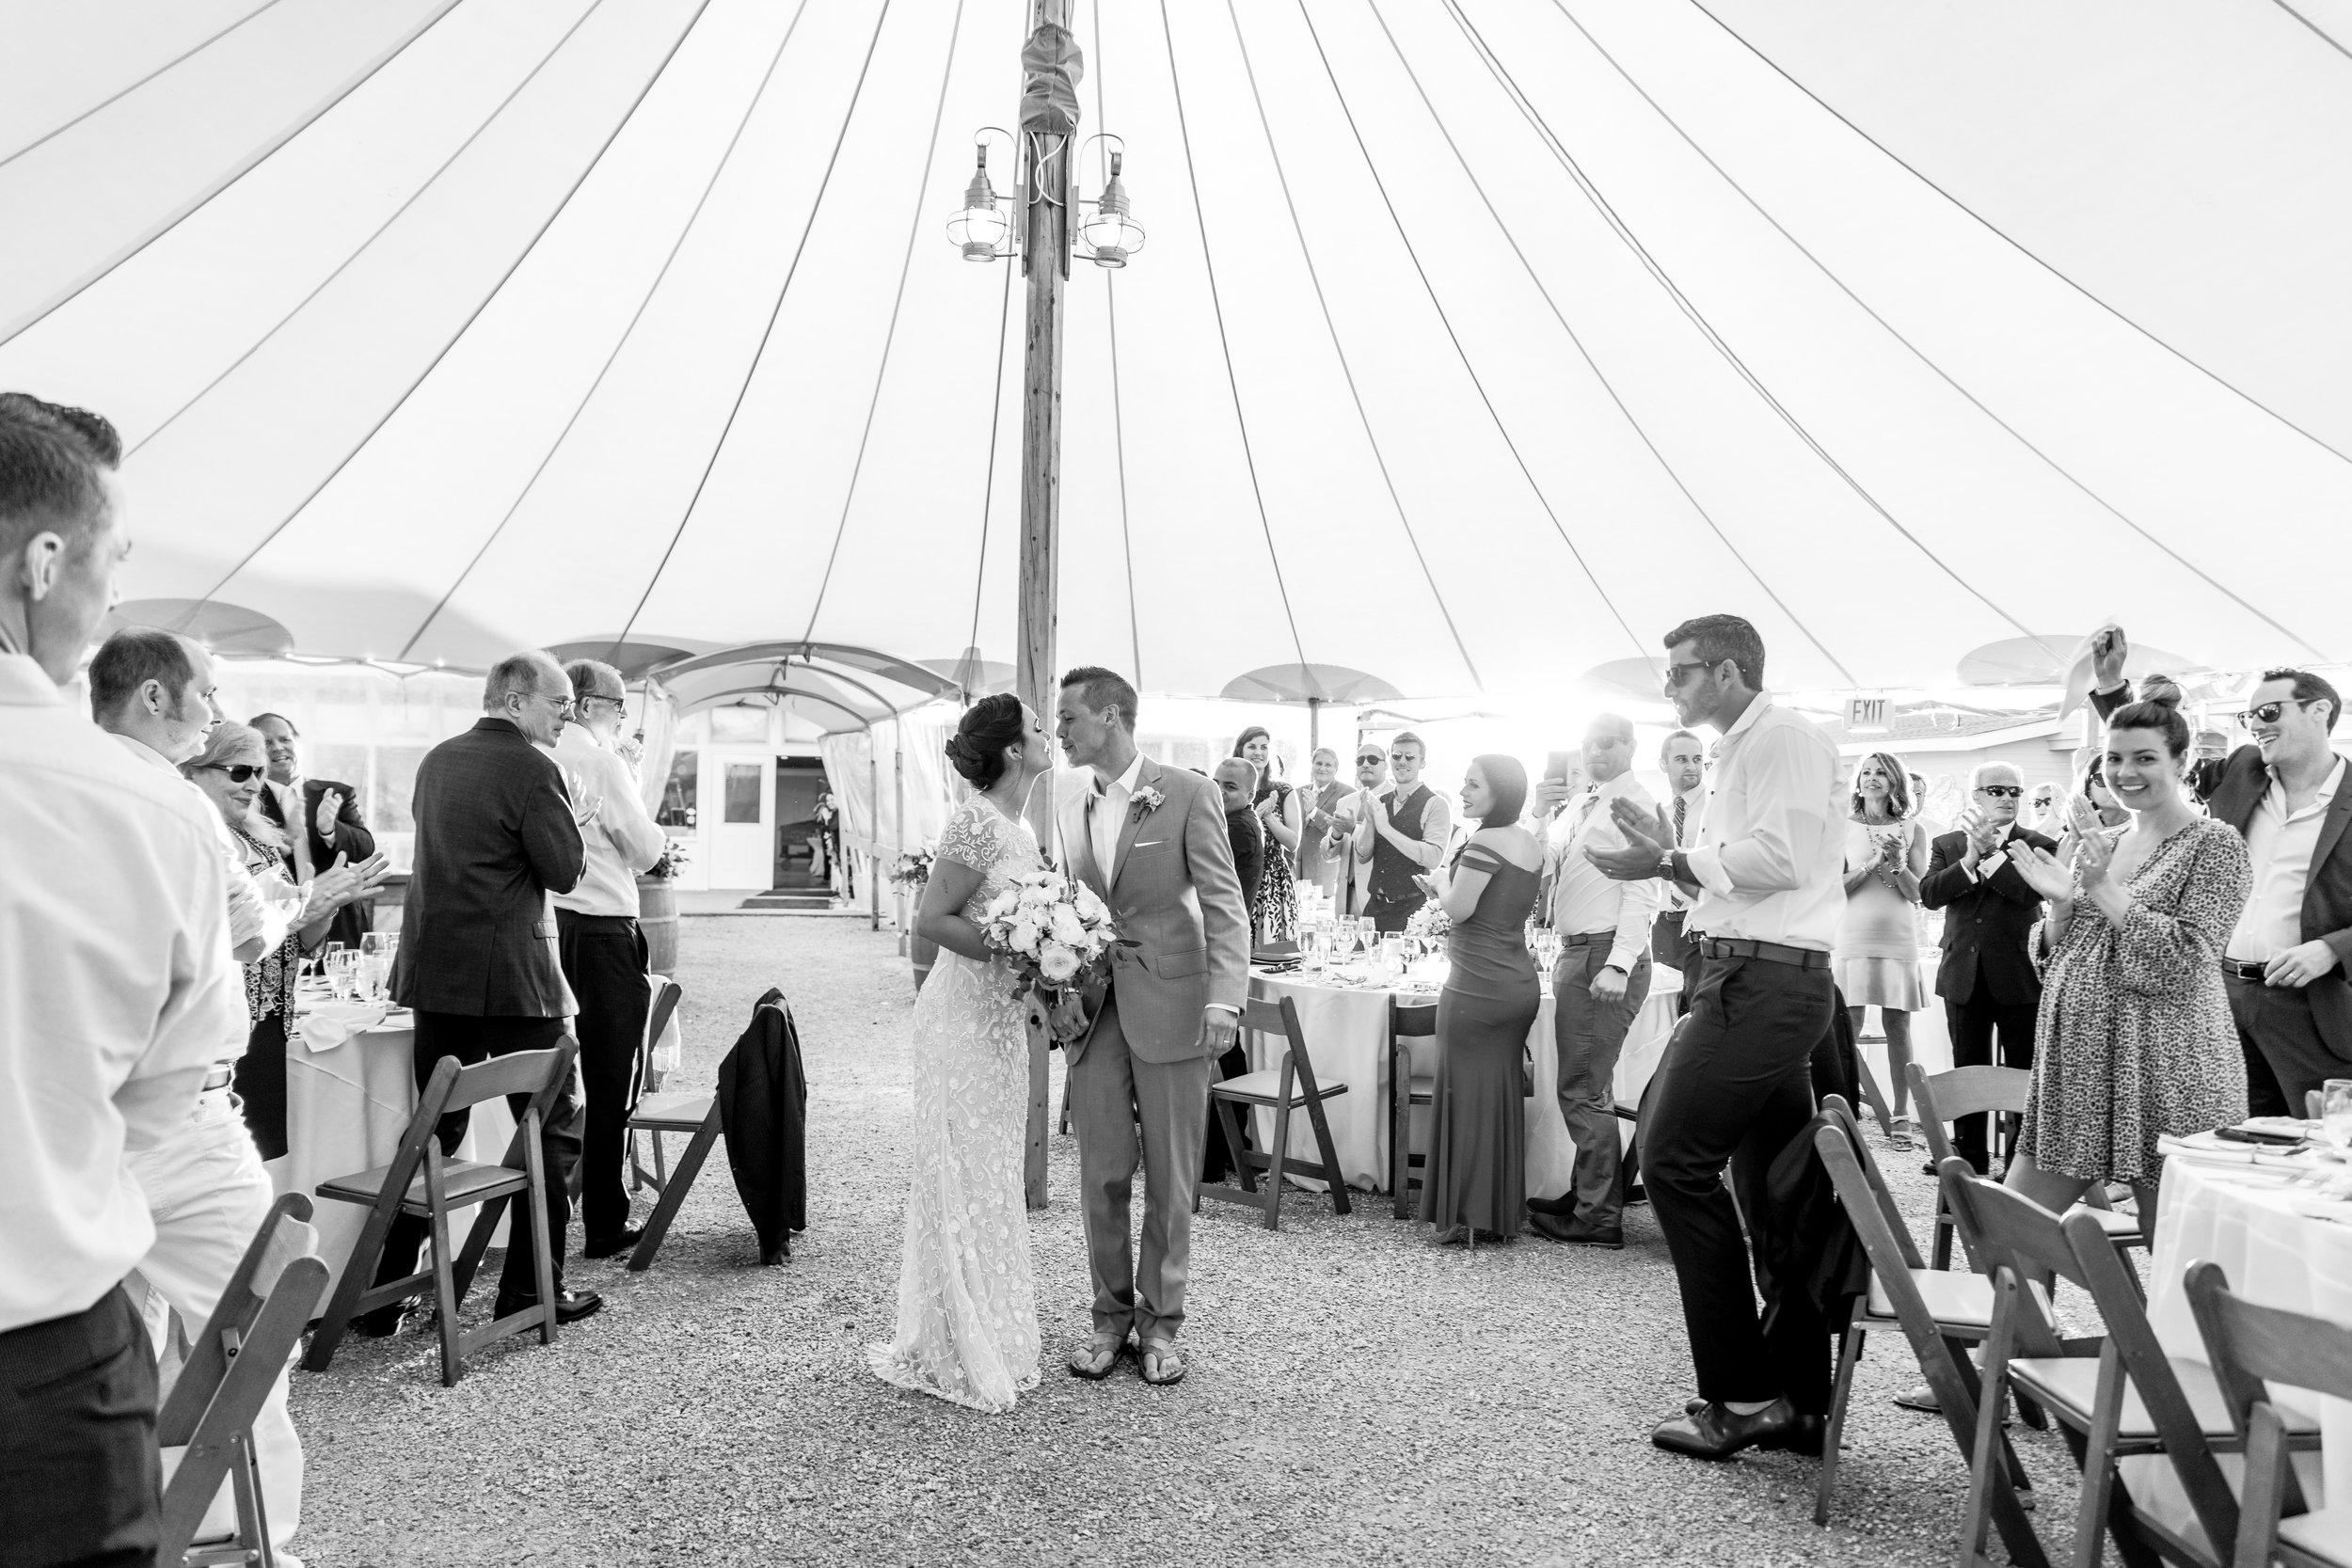 lbi-wedding-arts-foundation-lbi-wedding-photographer-tiff-29.jpg